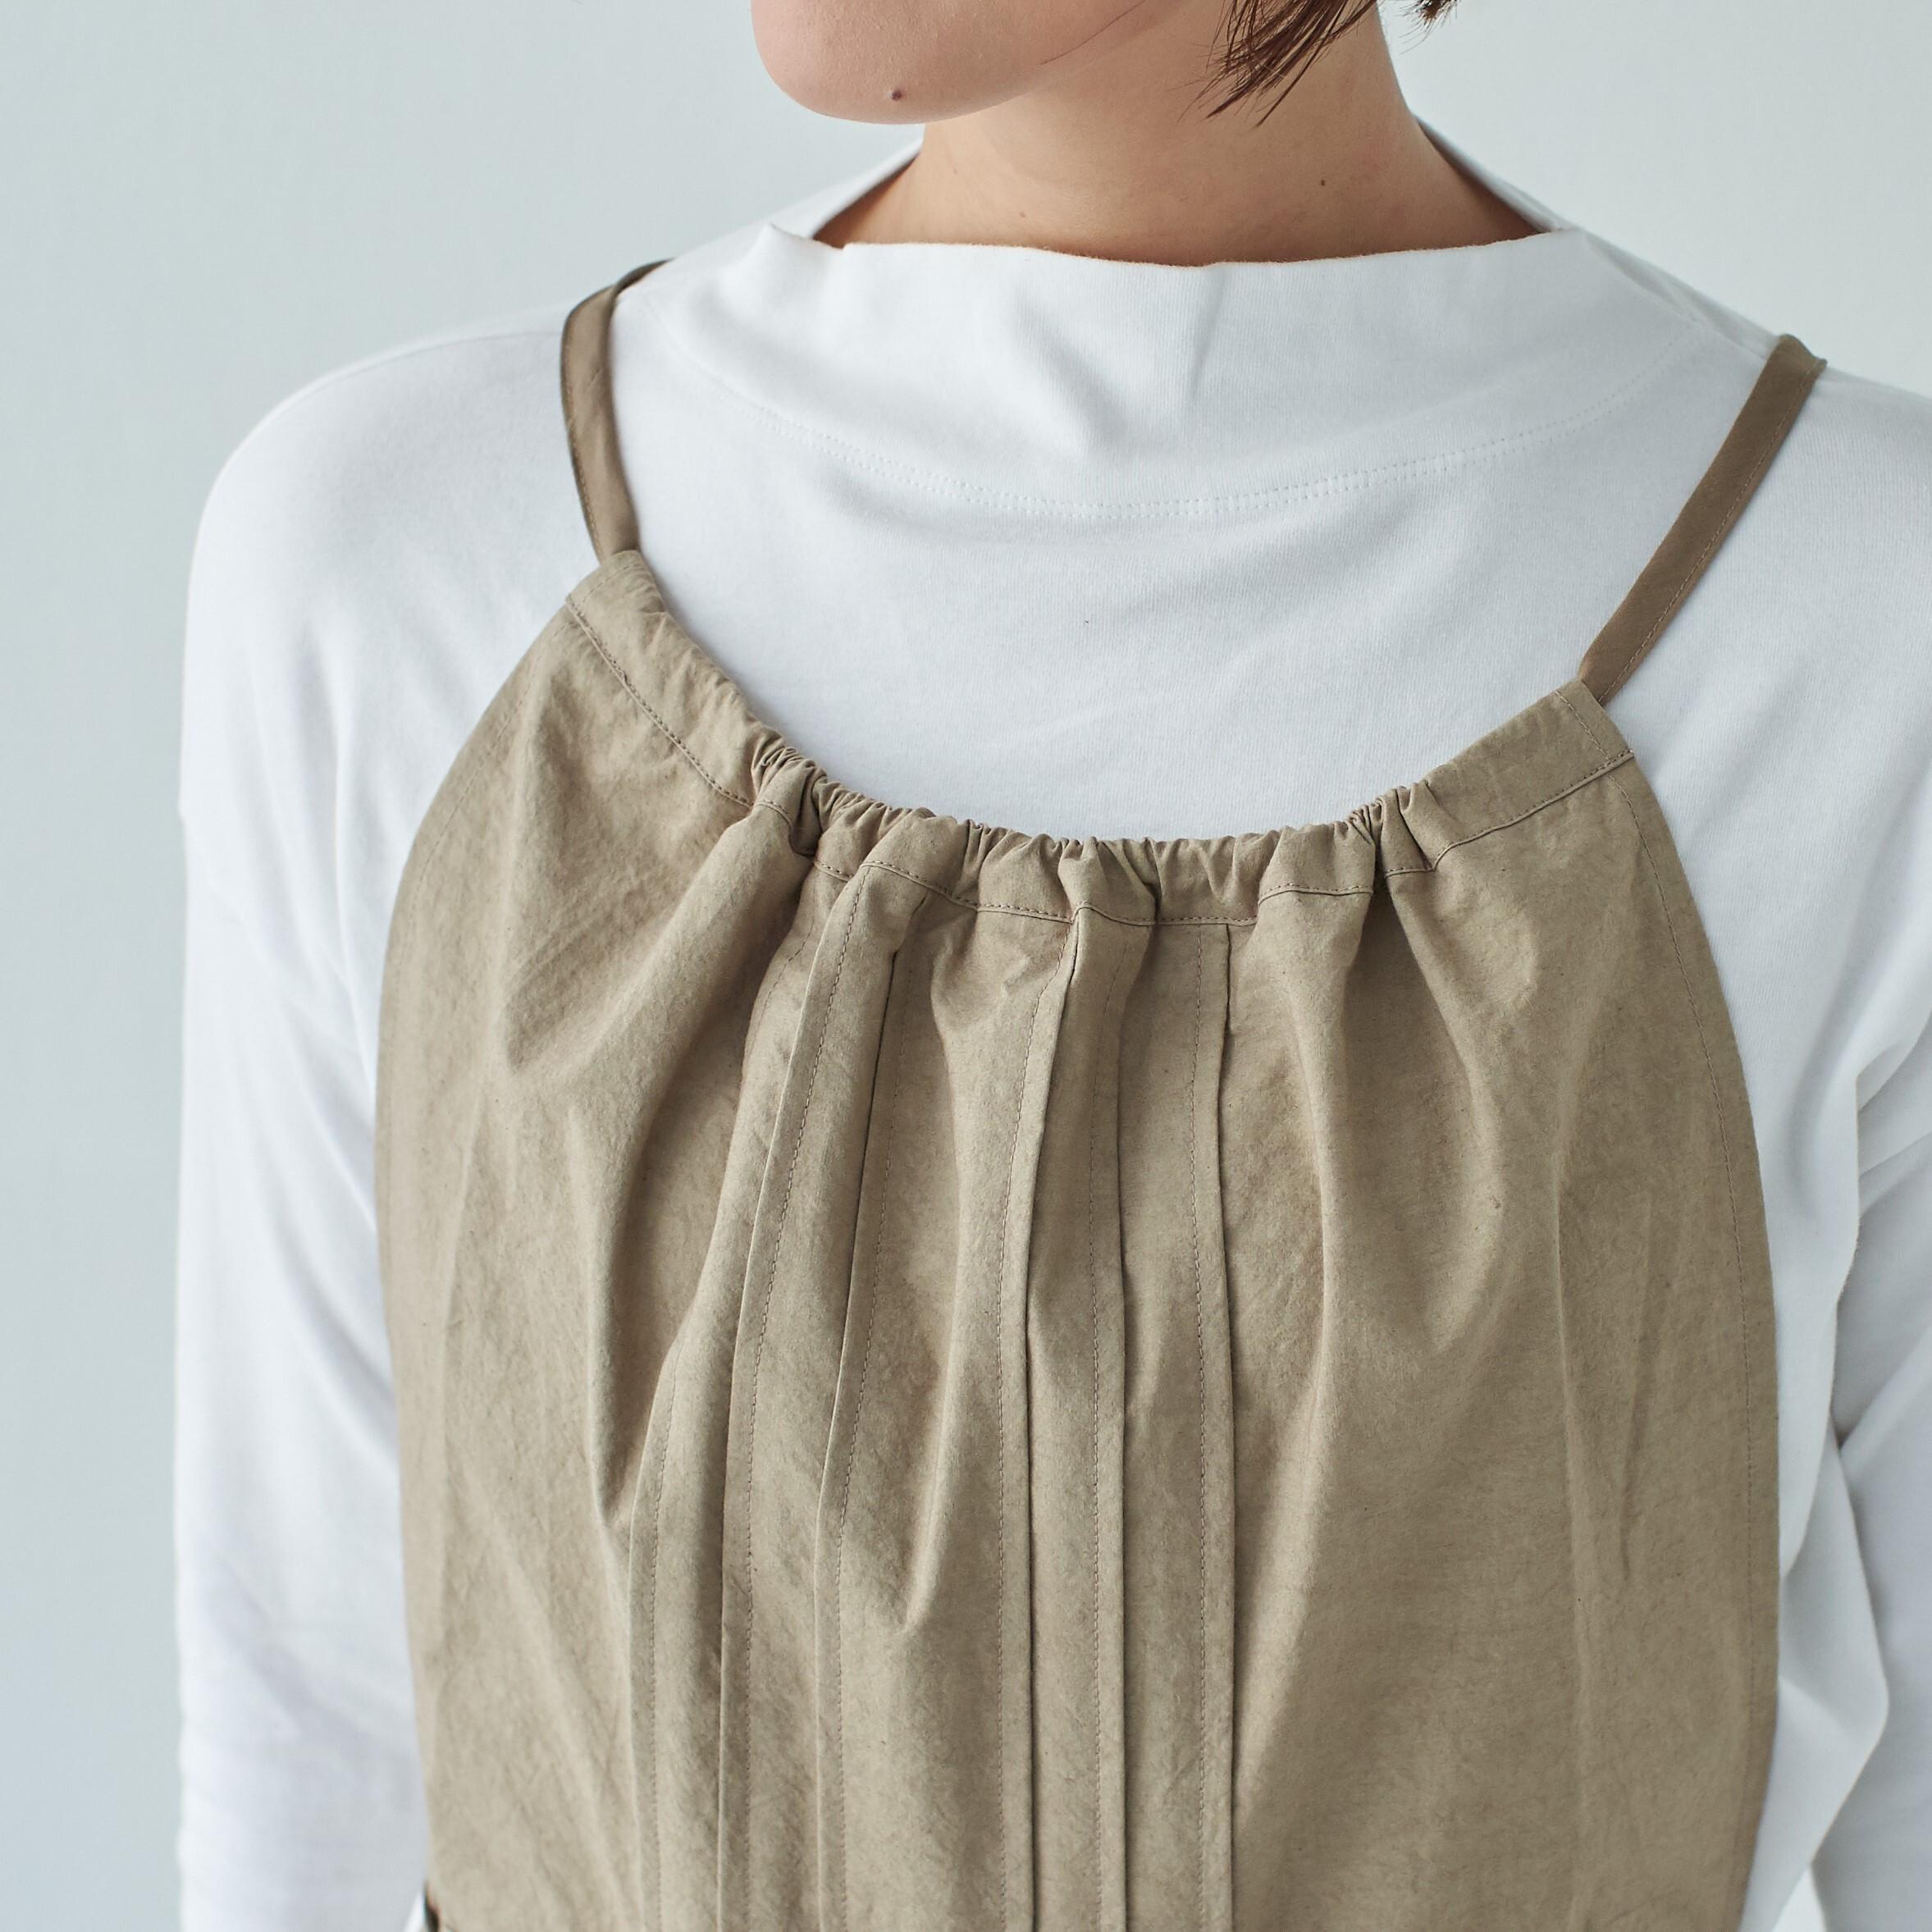 タックエプロン tuck apron / コットン cotton